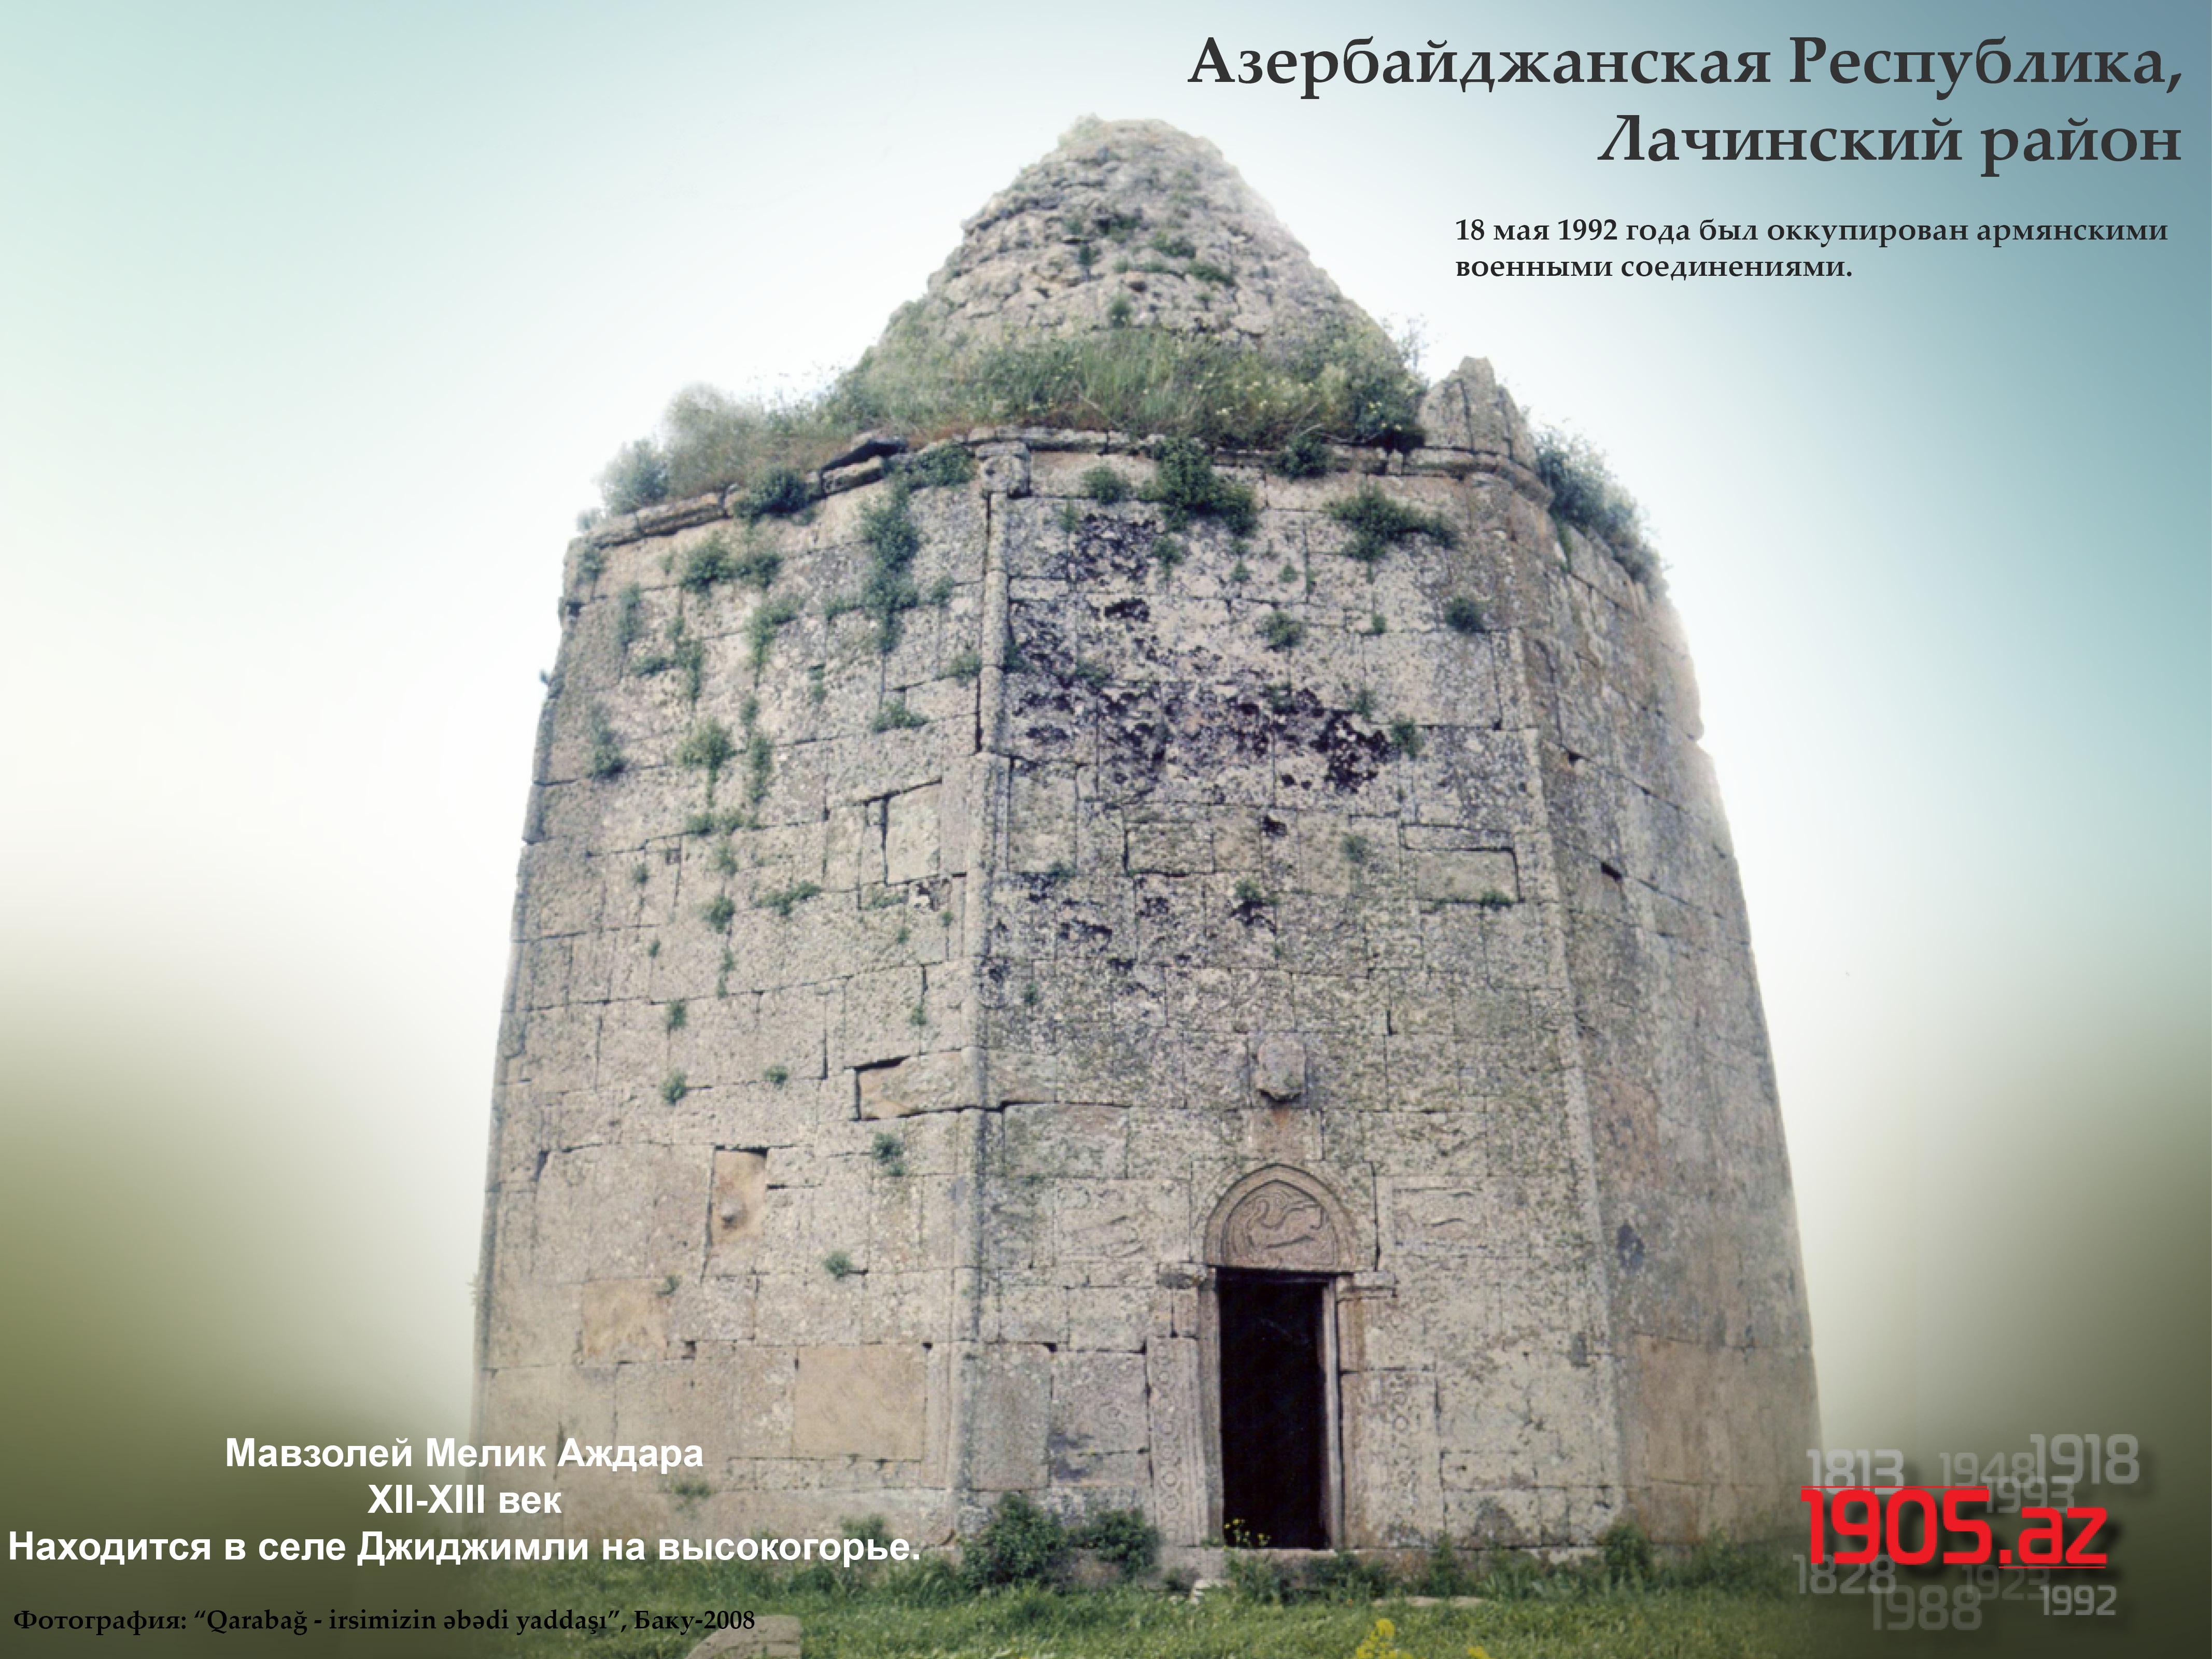 ru_oboy_Мавзолей Мелик Аждара, Лачинский район